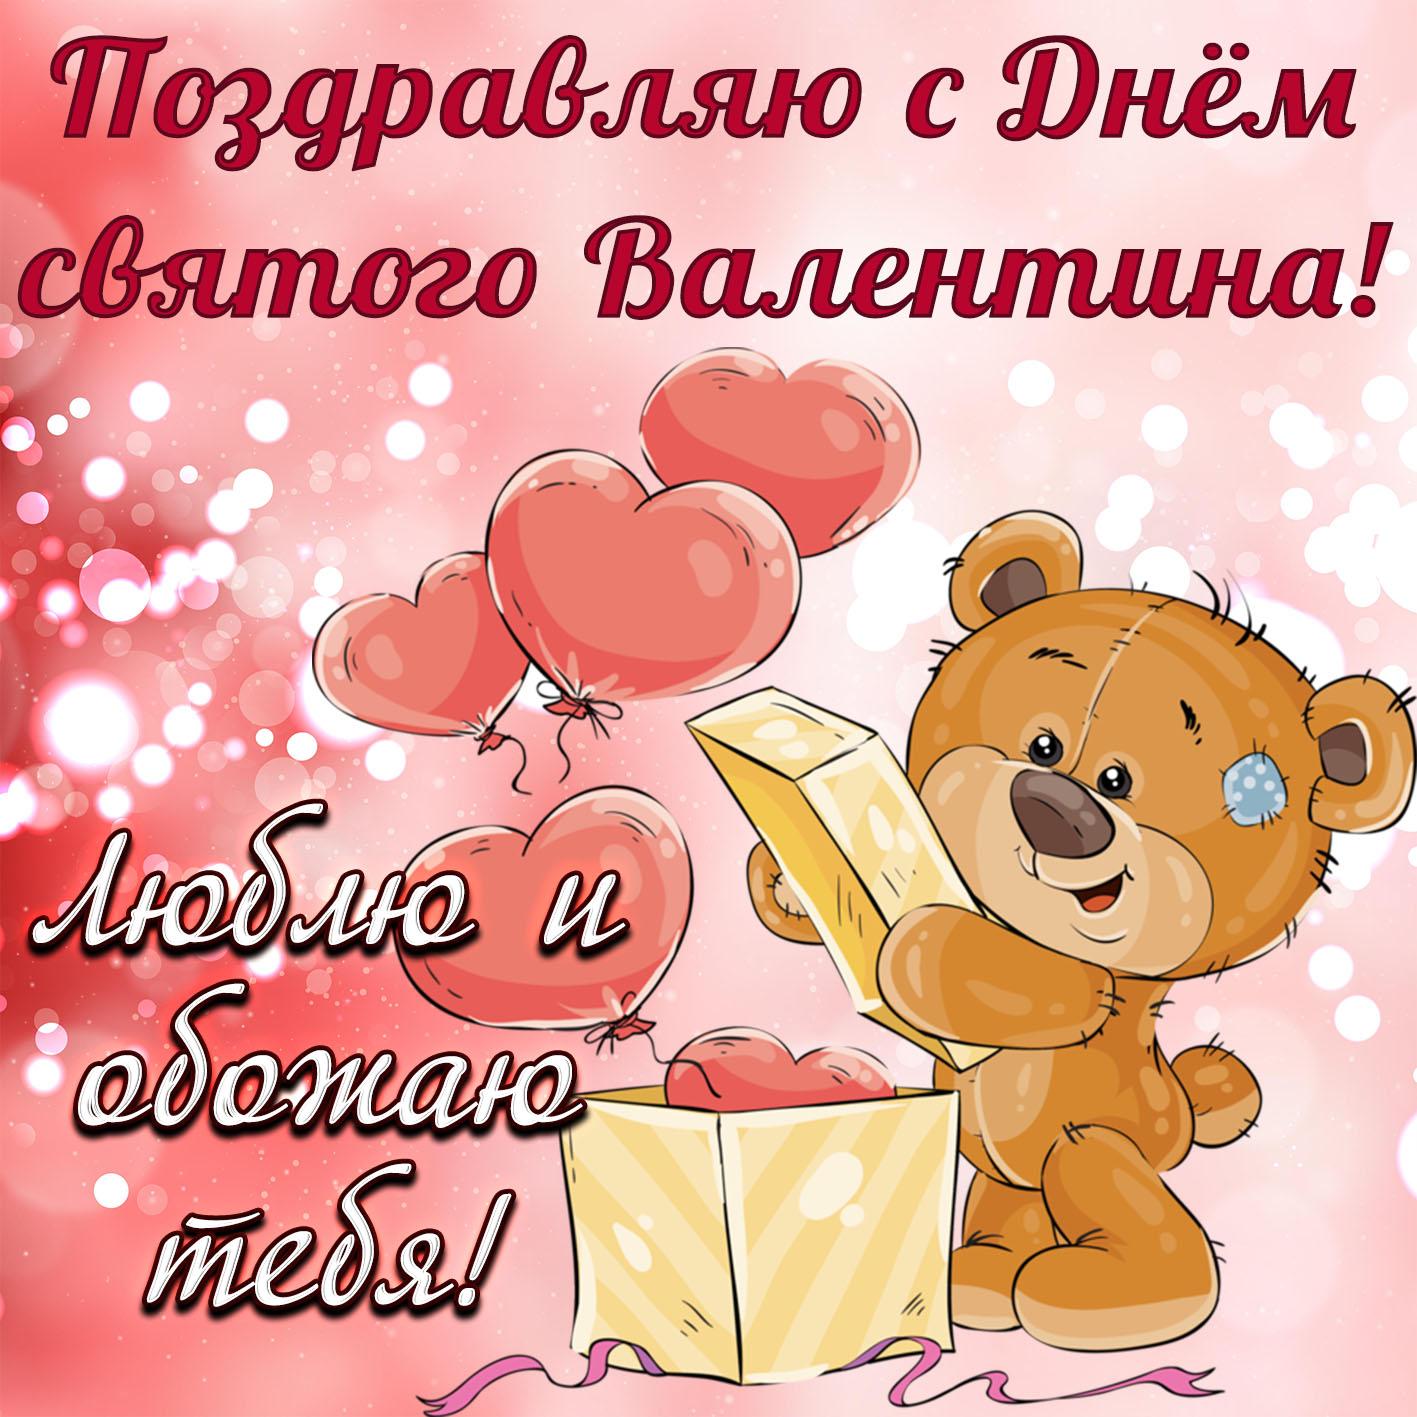 Картинки с днем святого валентина днем влюбленных